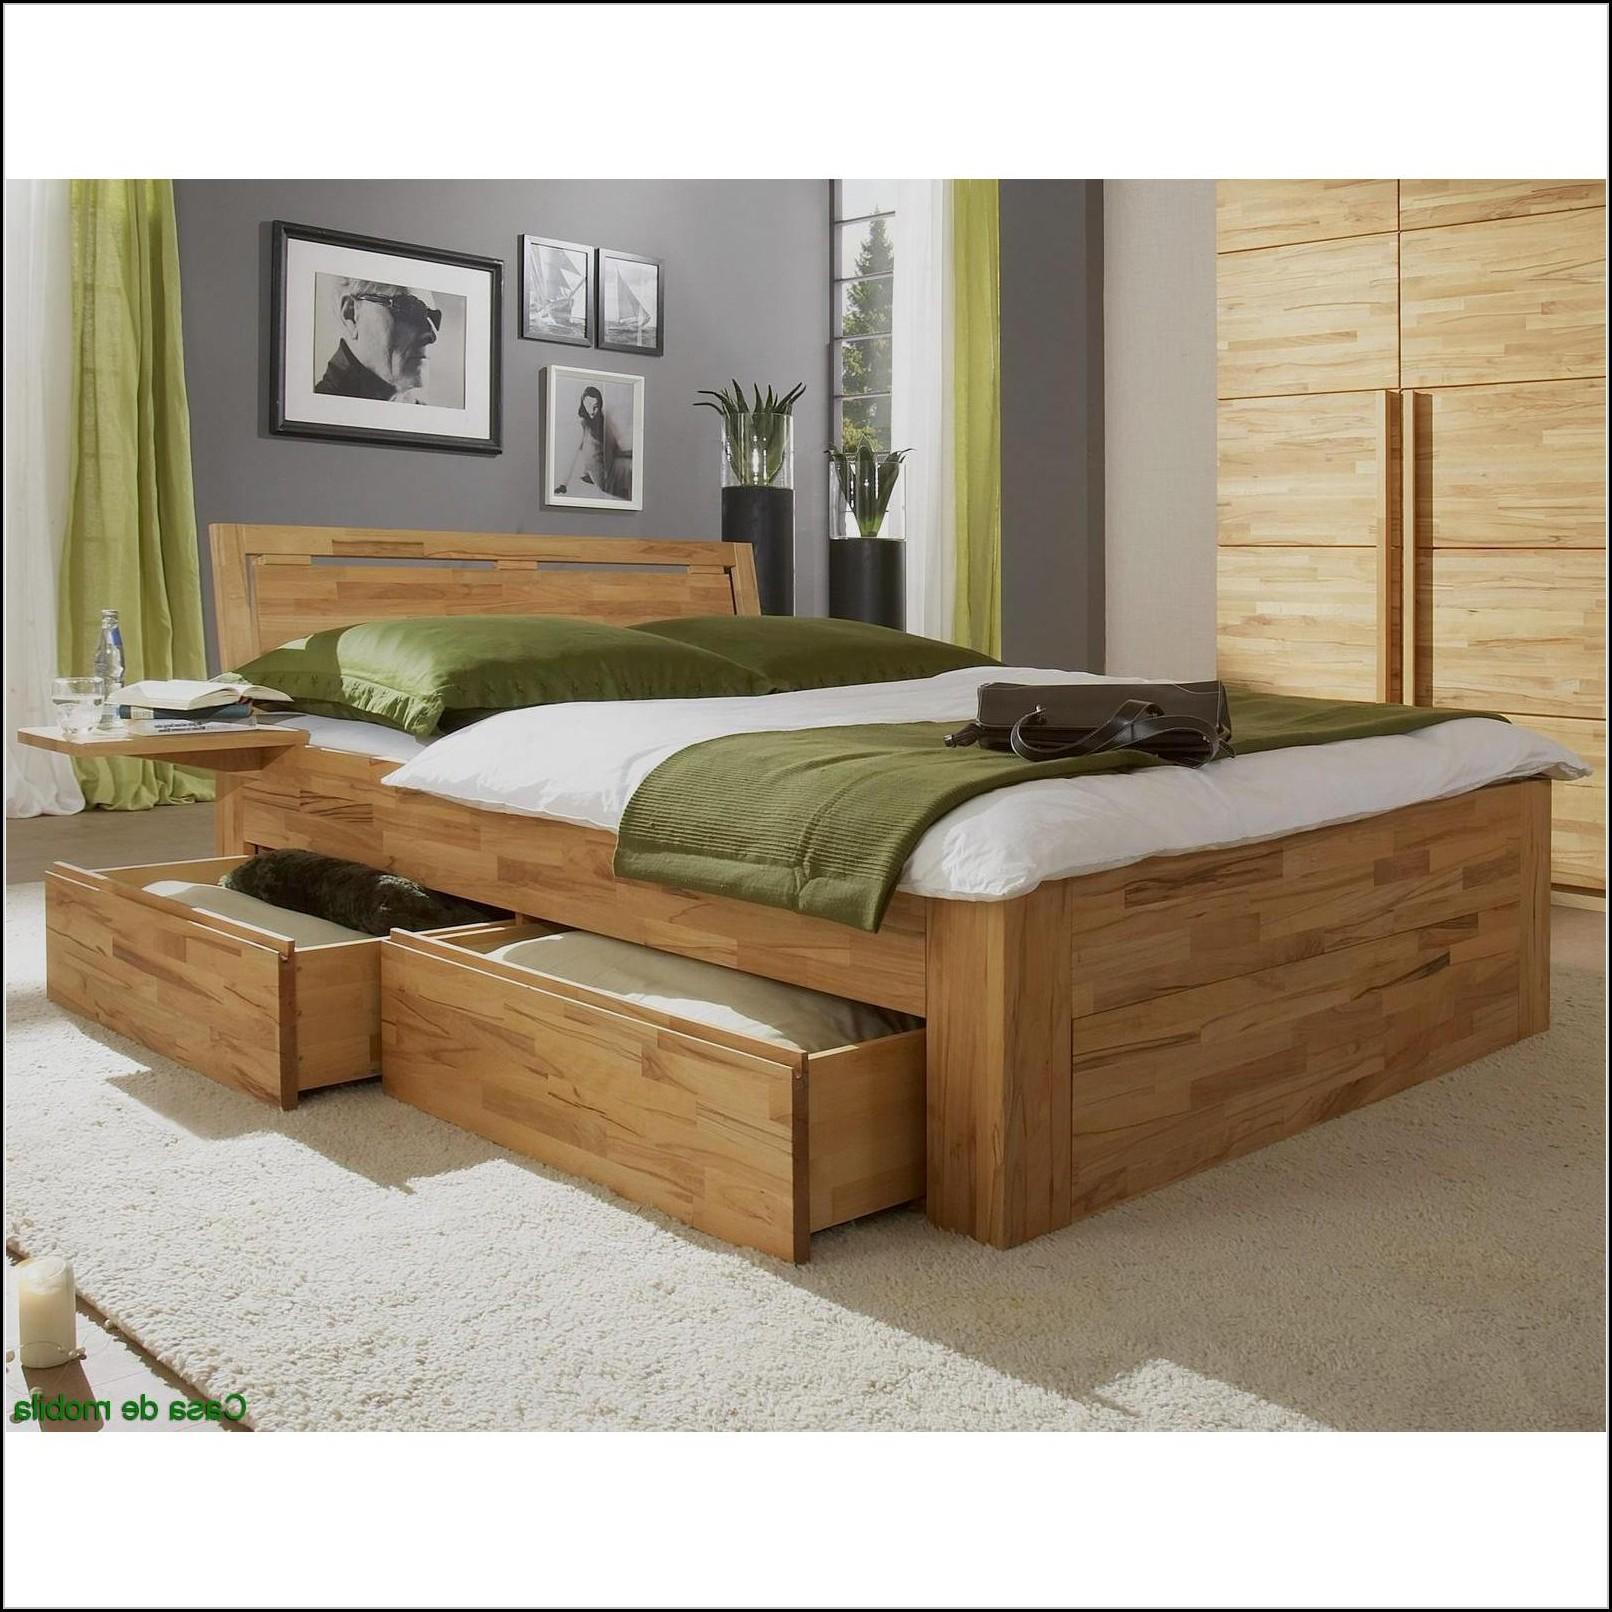 Komplett Schlafzimmer Mit Bett 160x200 - betten : House und Dekor ...